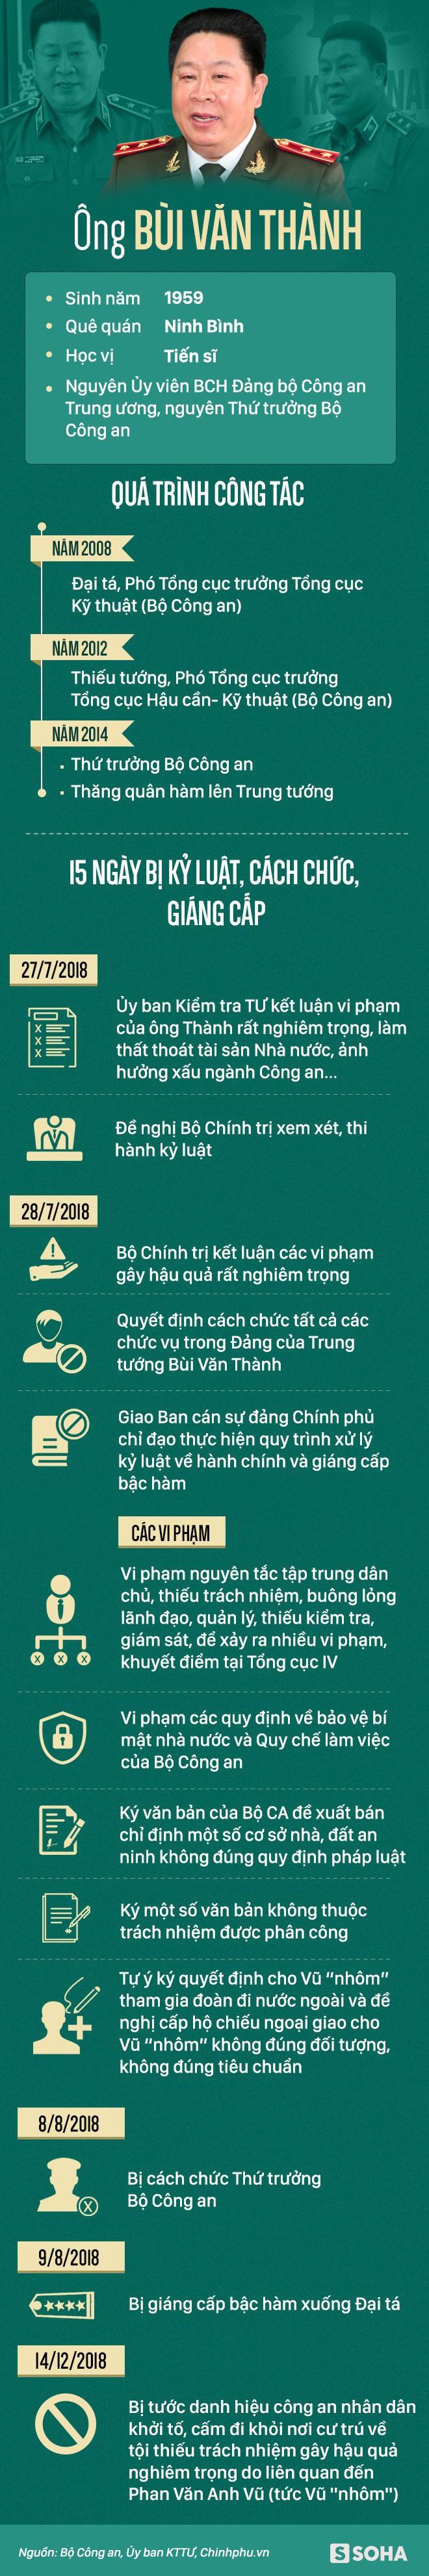 Sự nghiệp của 2 cựu Thứ trưởng Bộ Công an Trần Việt Tân và Bùi Văn Thành vừa bị khởi tố 2